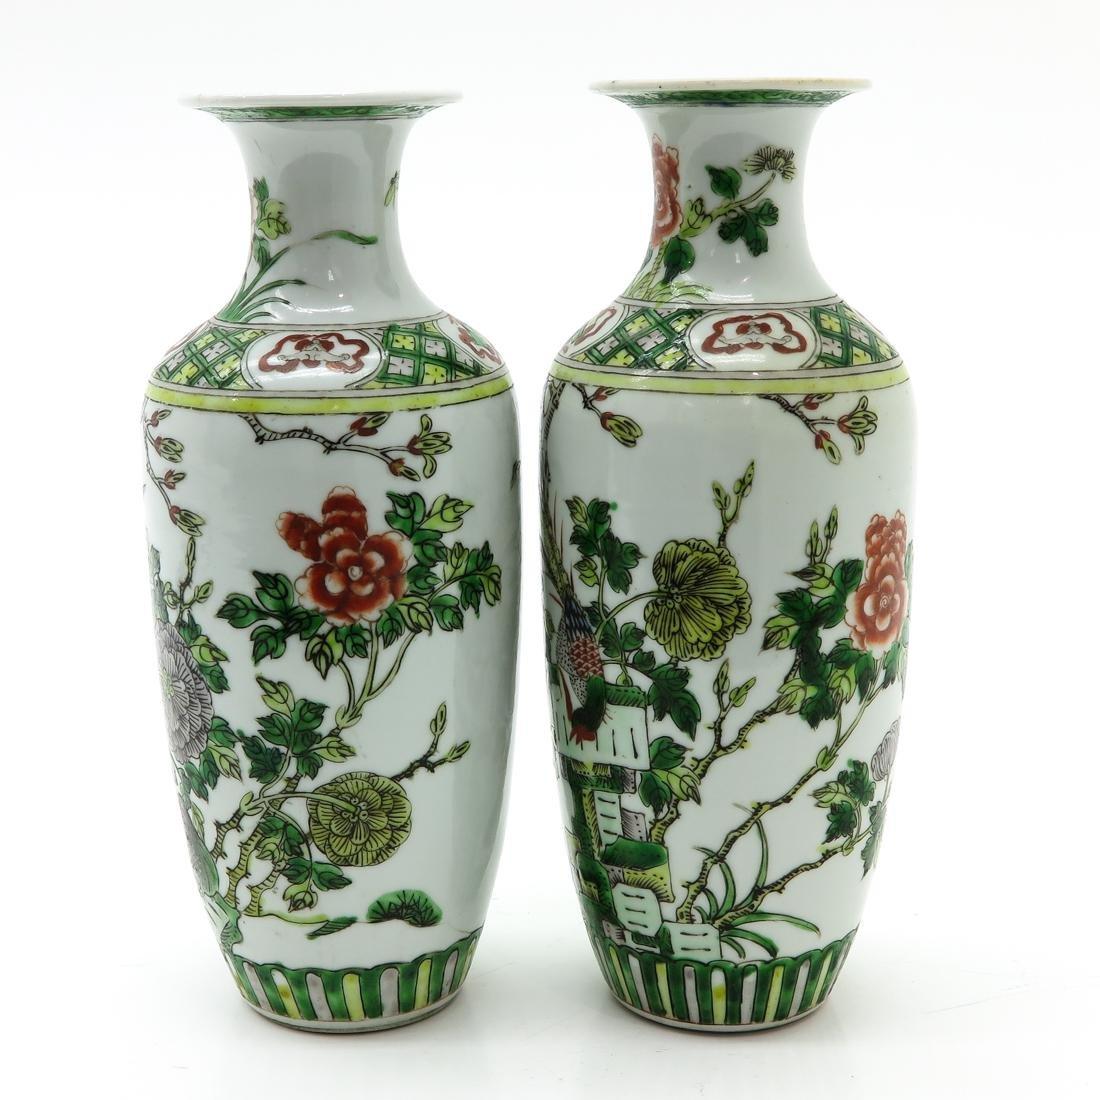 Pair of Famille Verte Vases - 2